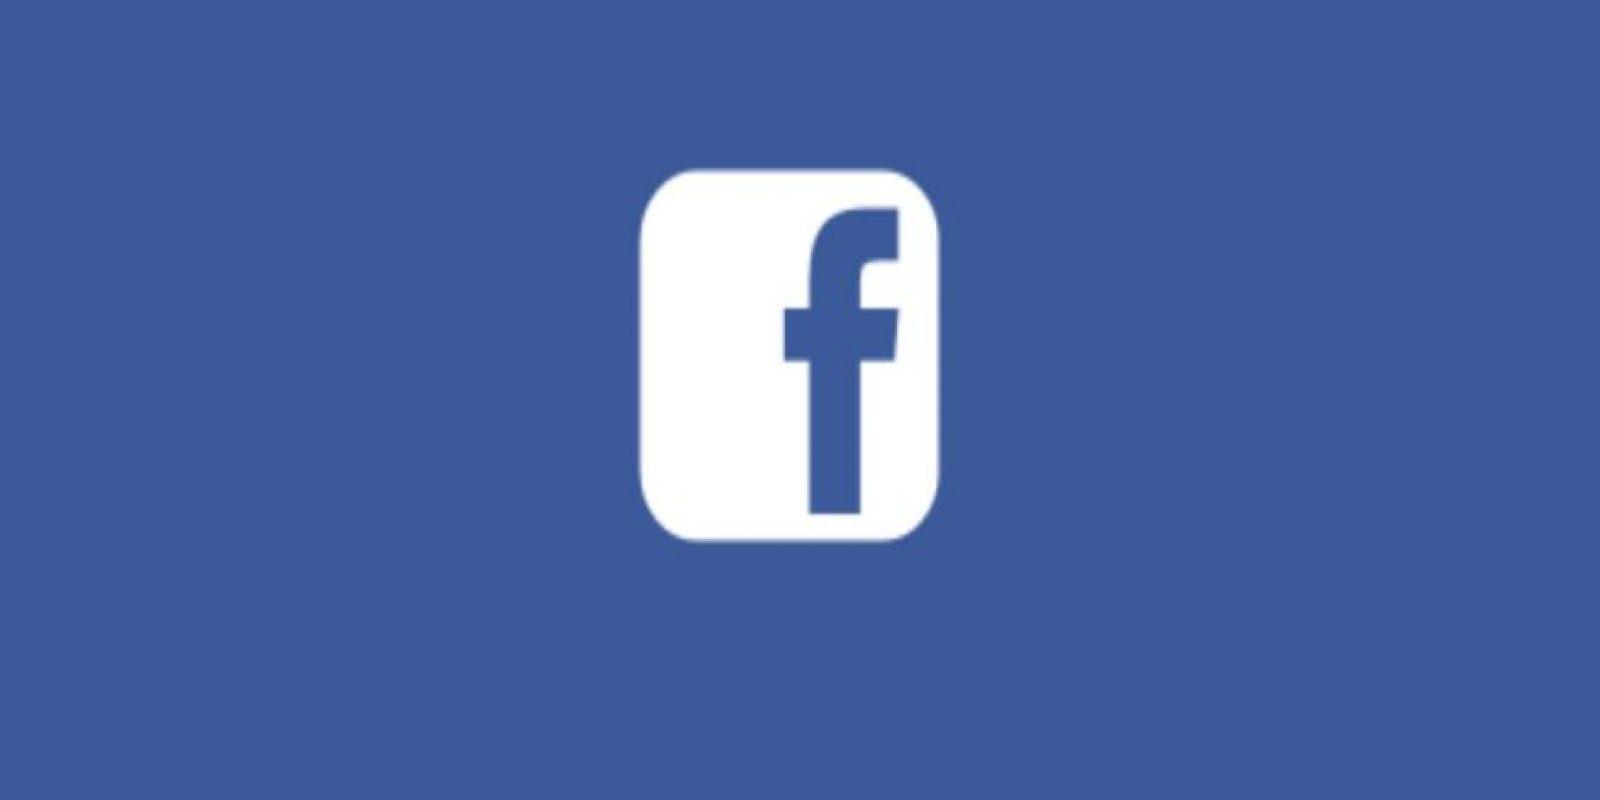 La red social Facebook está prohibida en Corea del Norte. Foto:Facebook